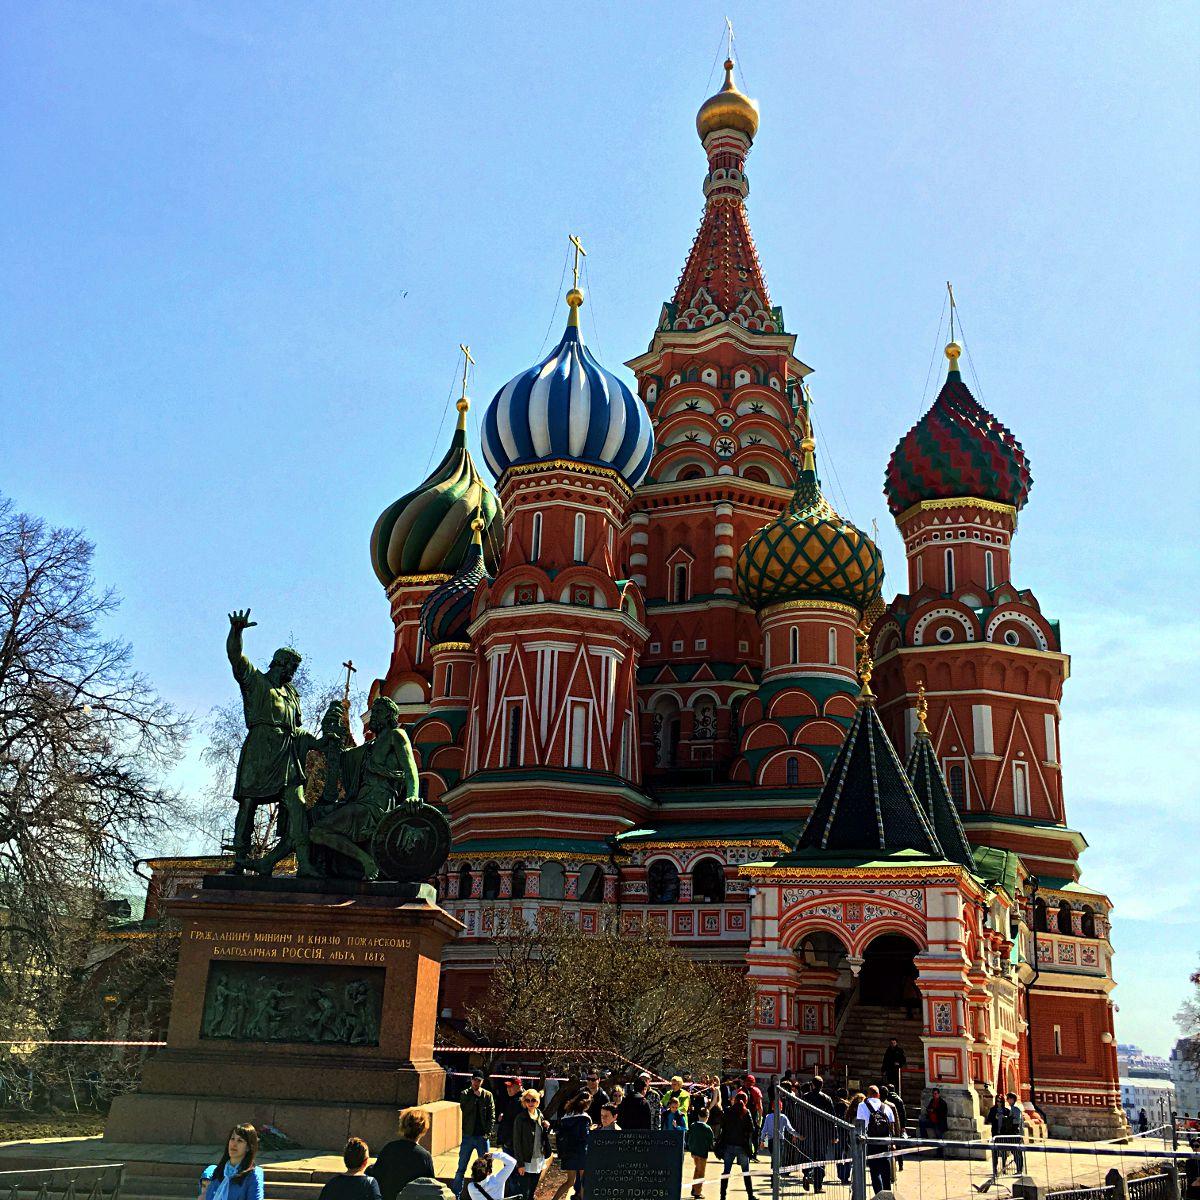 Die Basilius-Kathedrale in Moskau ist das bekannteste Bauwerk Russlands. (Foto: Ruti)